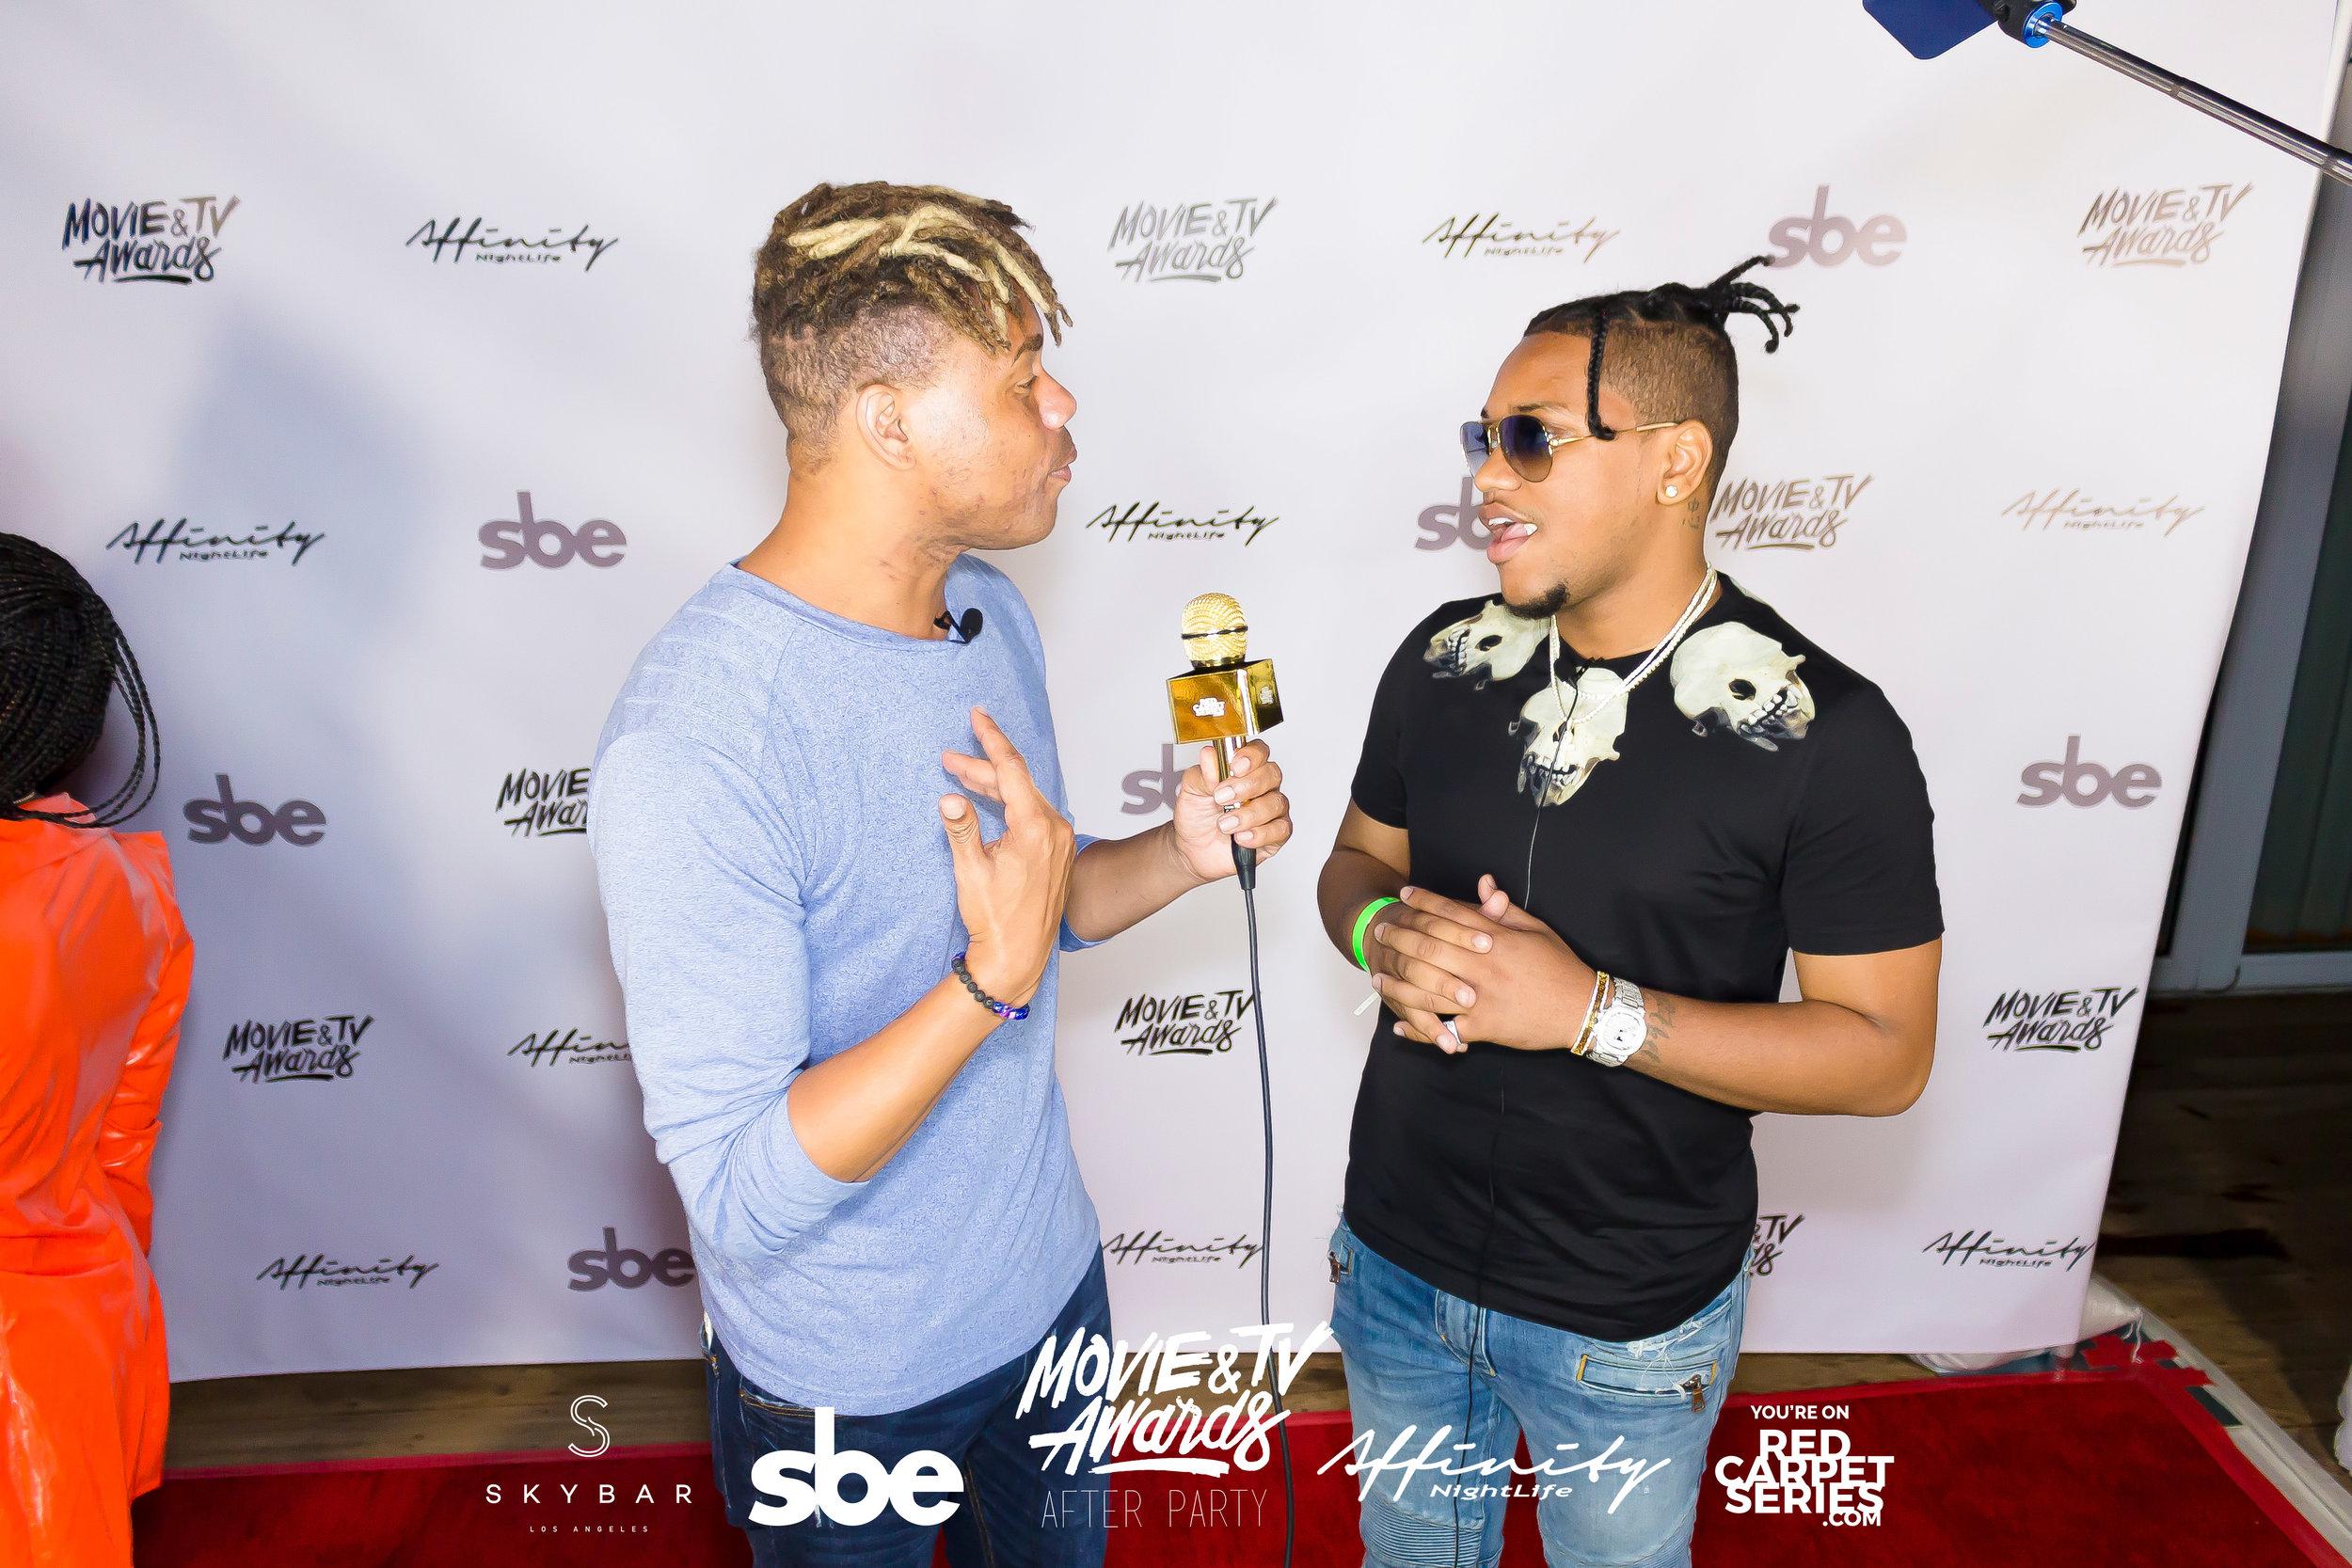 Affinity Nightlife MTV Movie & TV Awards After Party - Skybar at Mondrian - 06-15-19 - Vol. 1_143.jpg